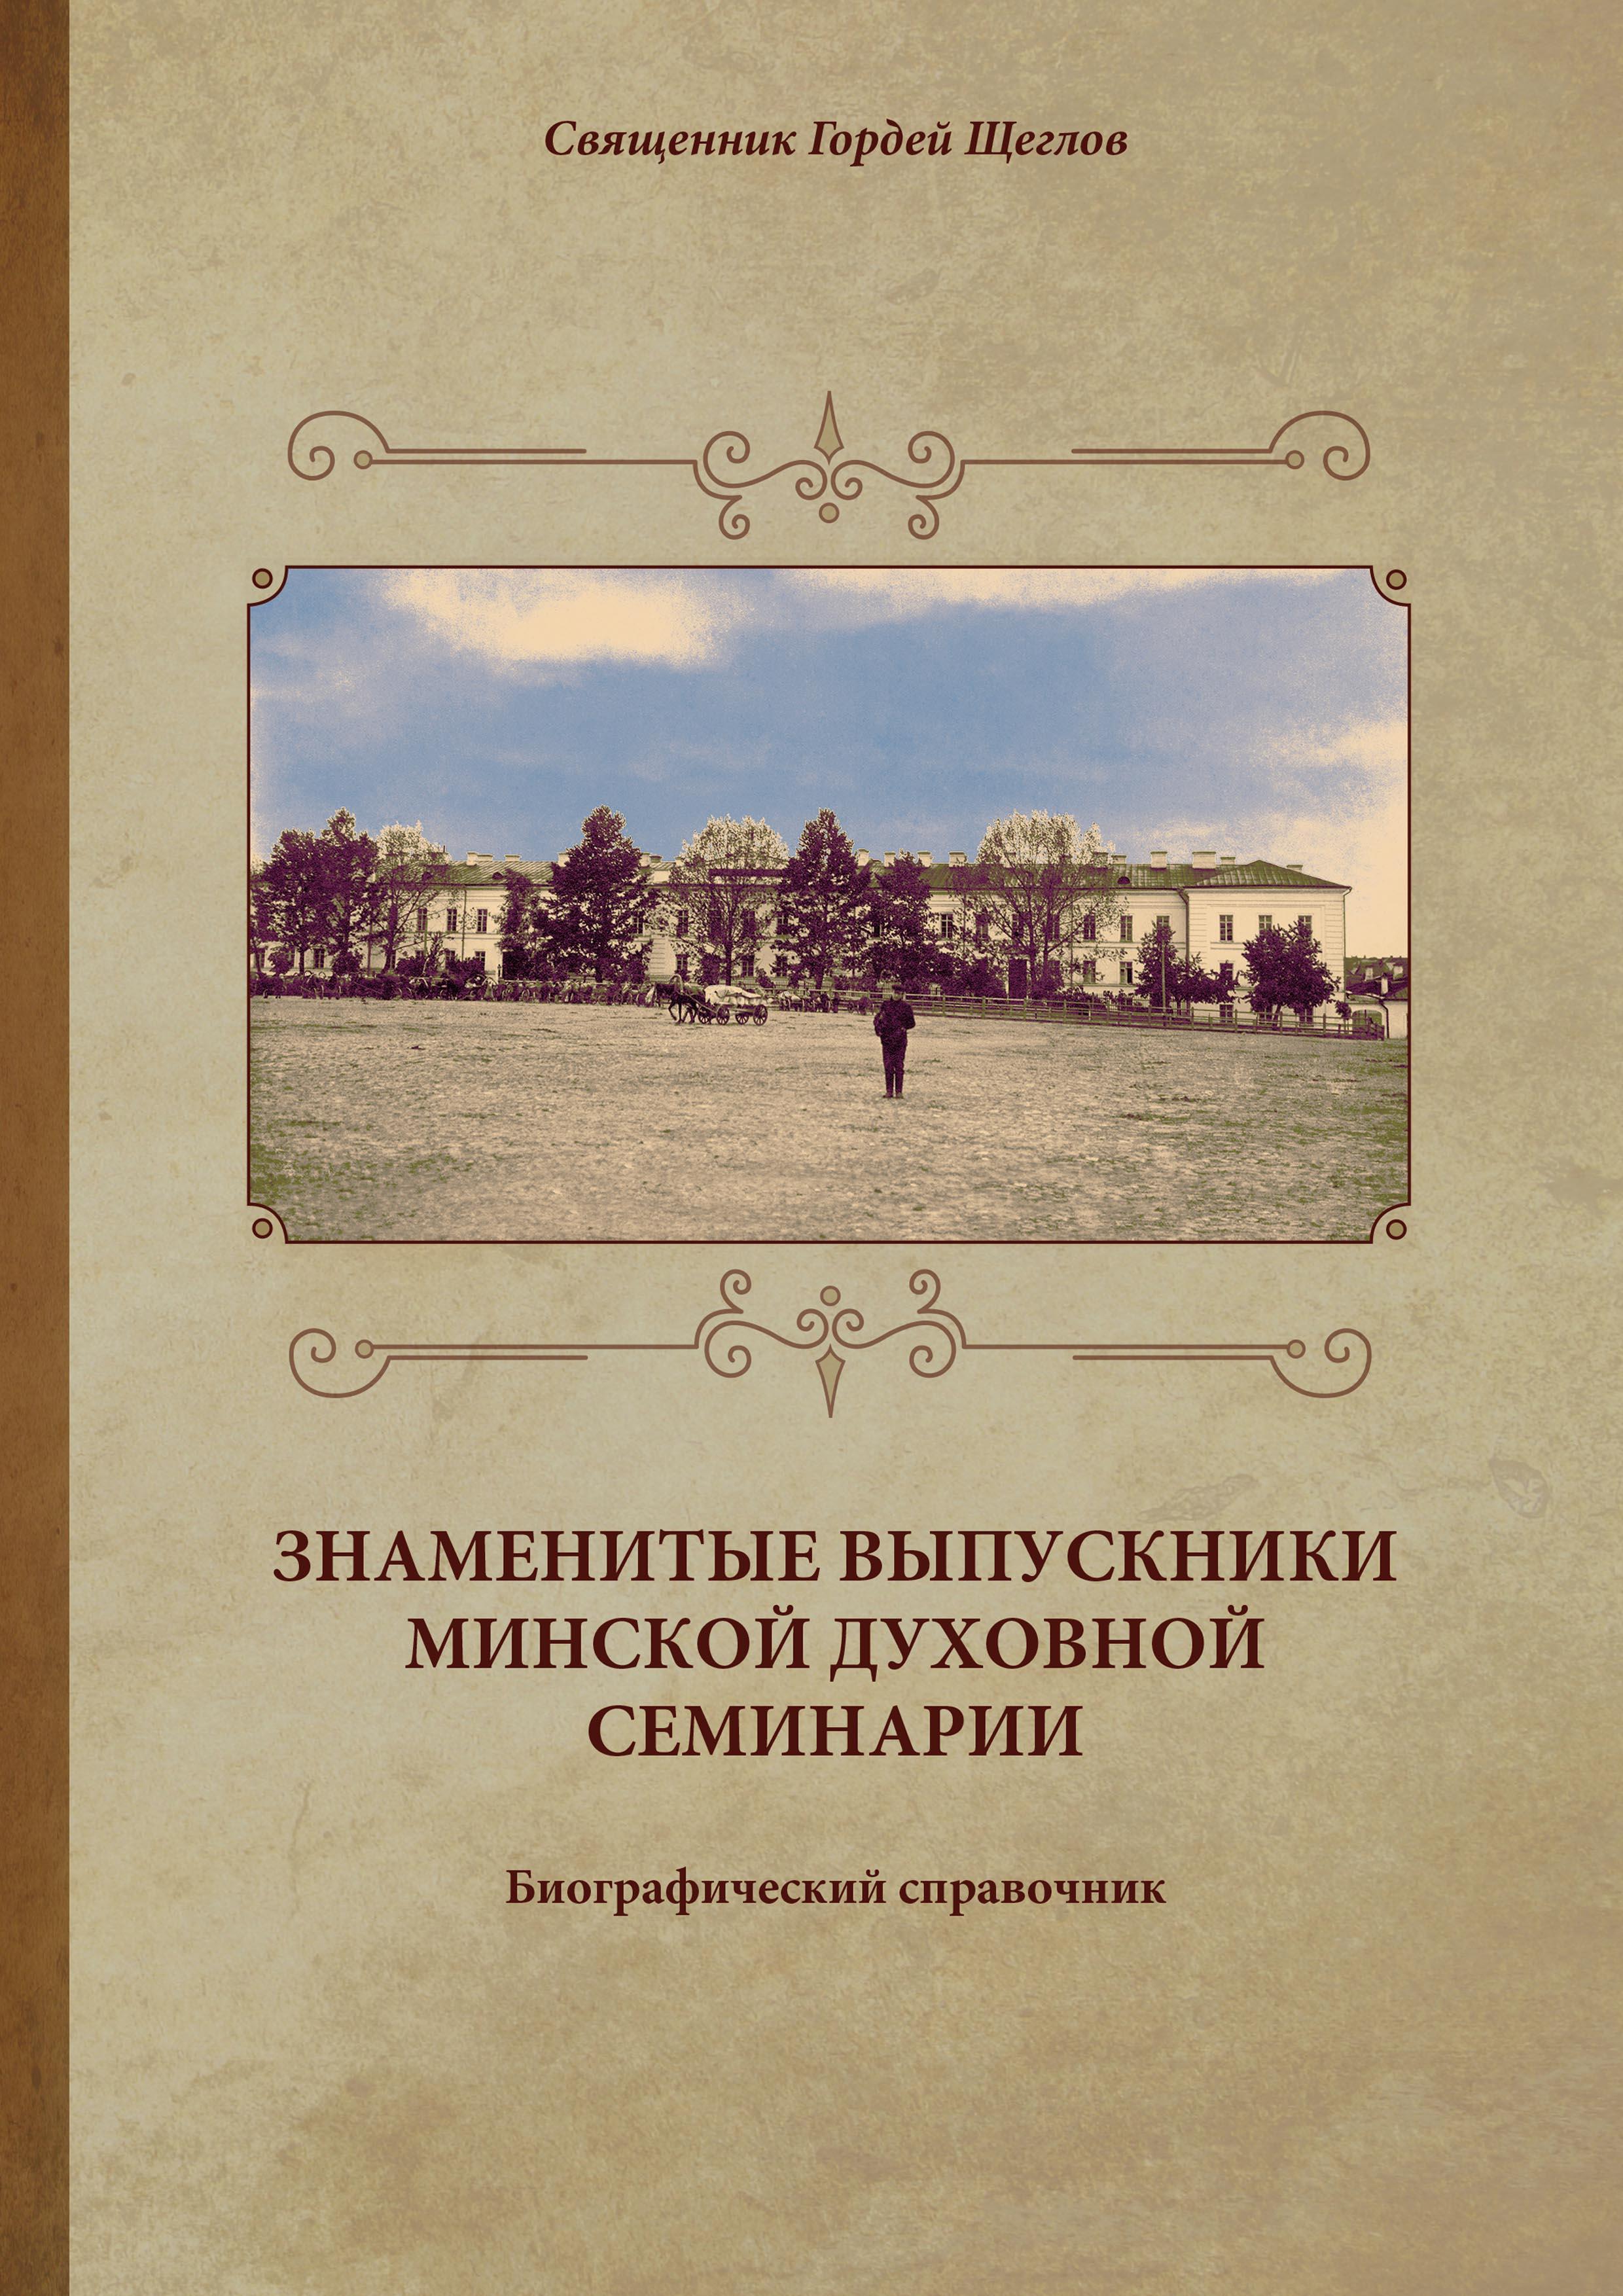 Знаменитые выпускники Минской духовной семинарии: биографический справочник